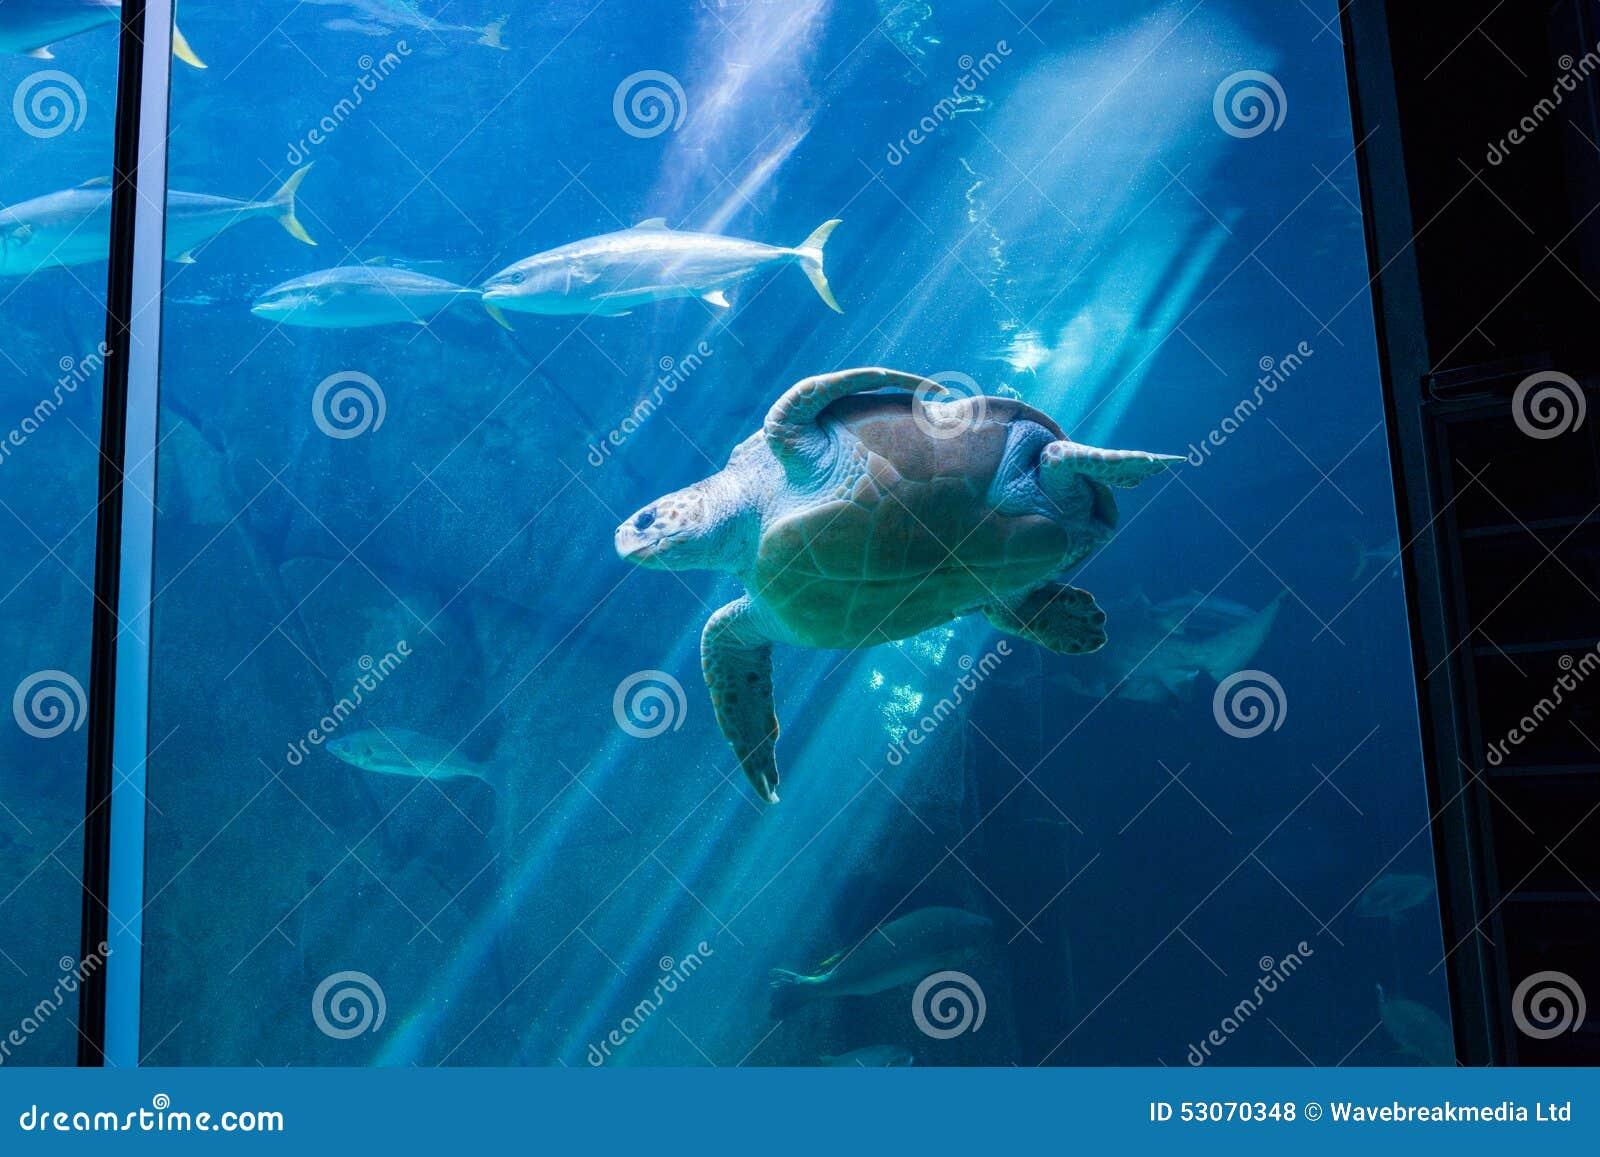 Fish in tank swimming - Sea Turtle Swimming With Fish In Tank